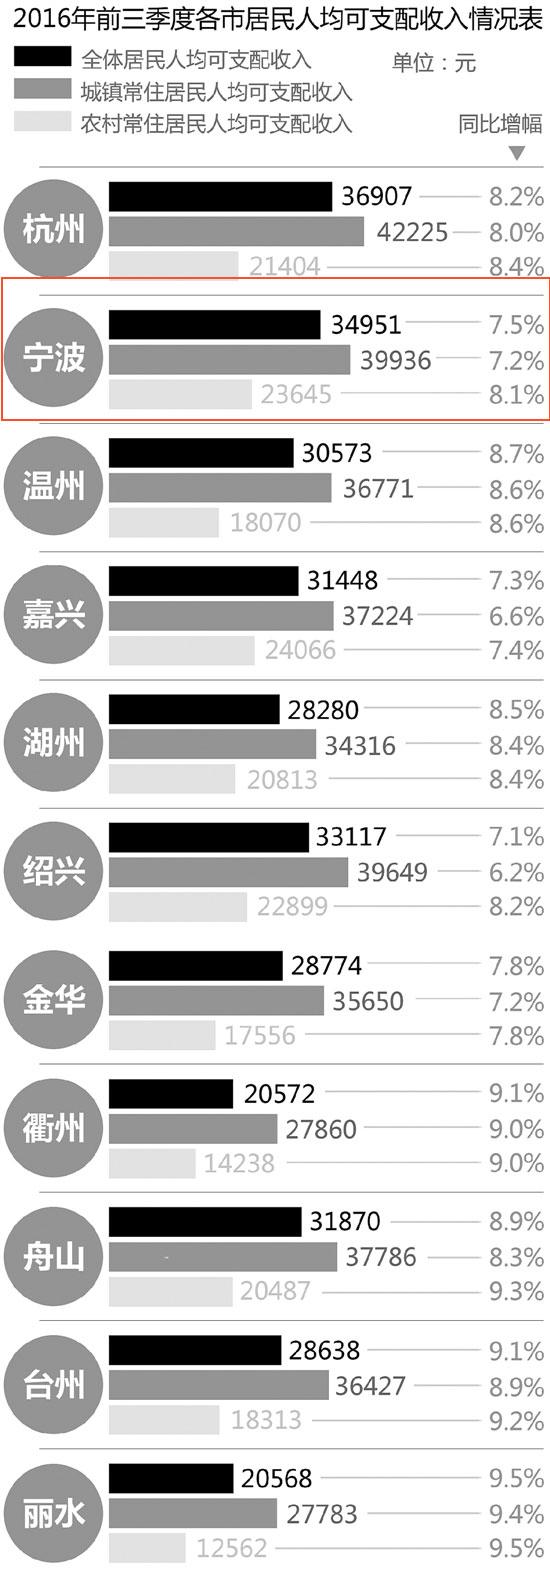 2016前3季宁波居民人均可支配收入 位居全省第二